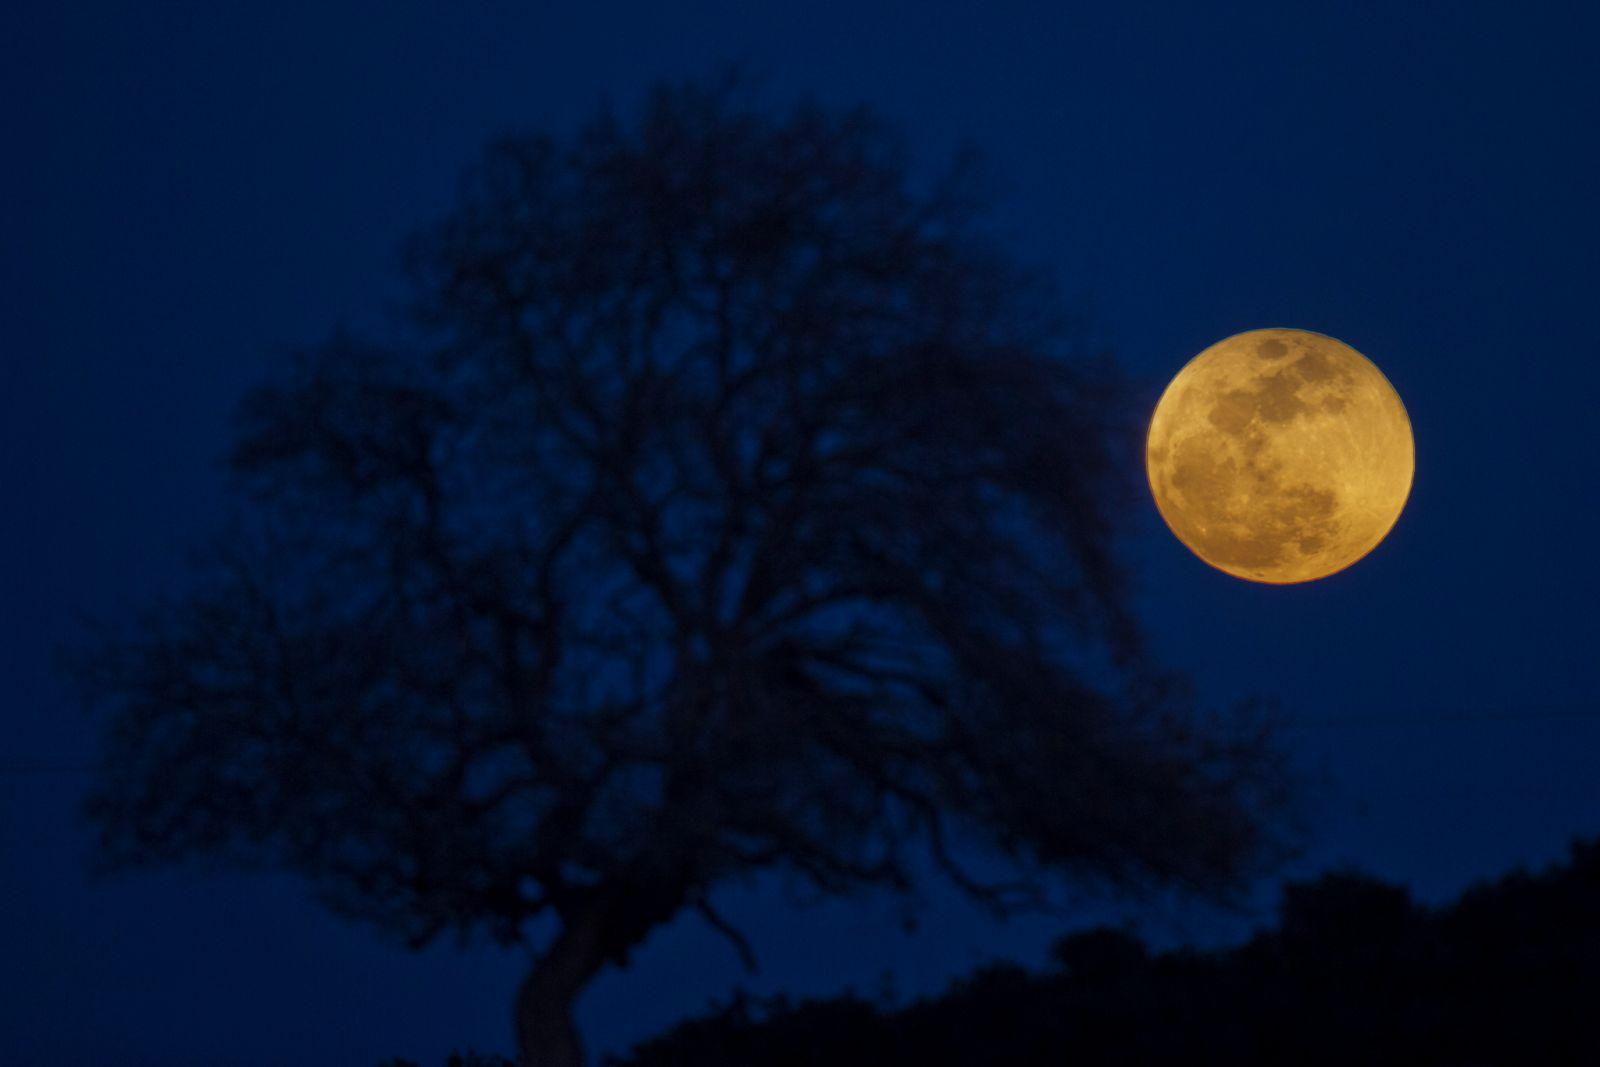 Лунное затмение состоится 5 июня, его можно будет наблюдать на всей терр...